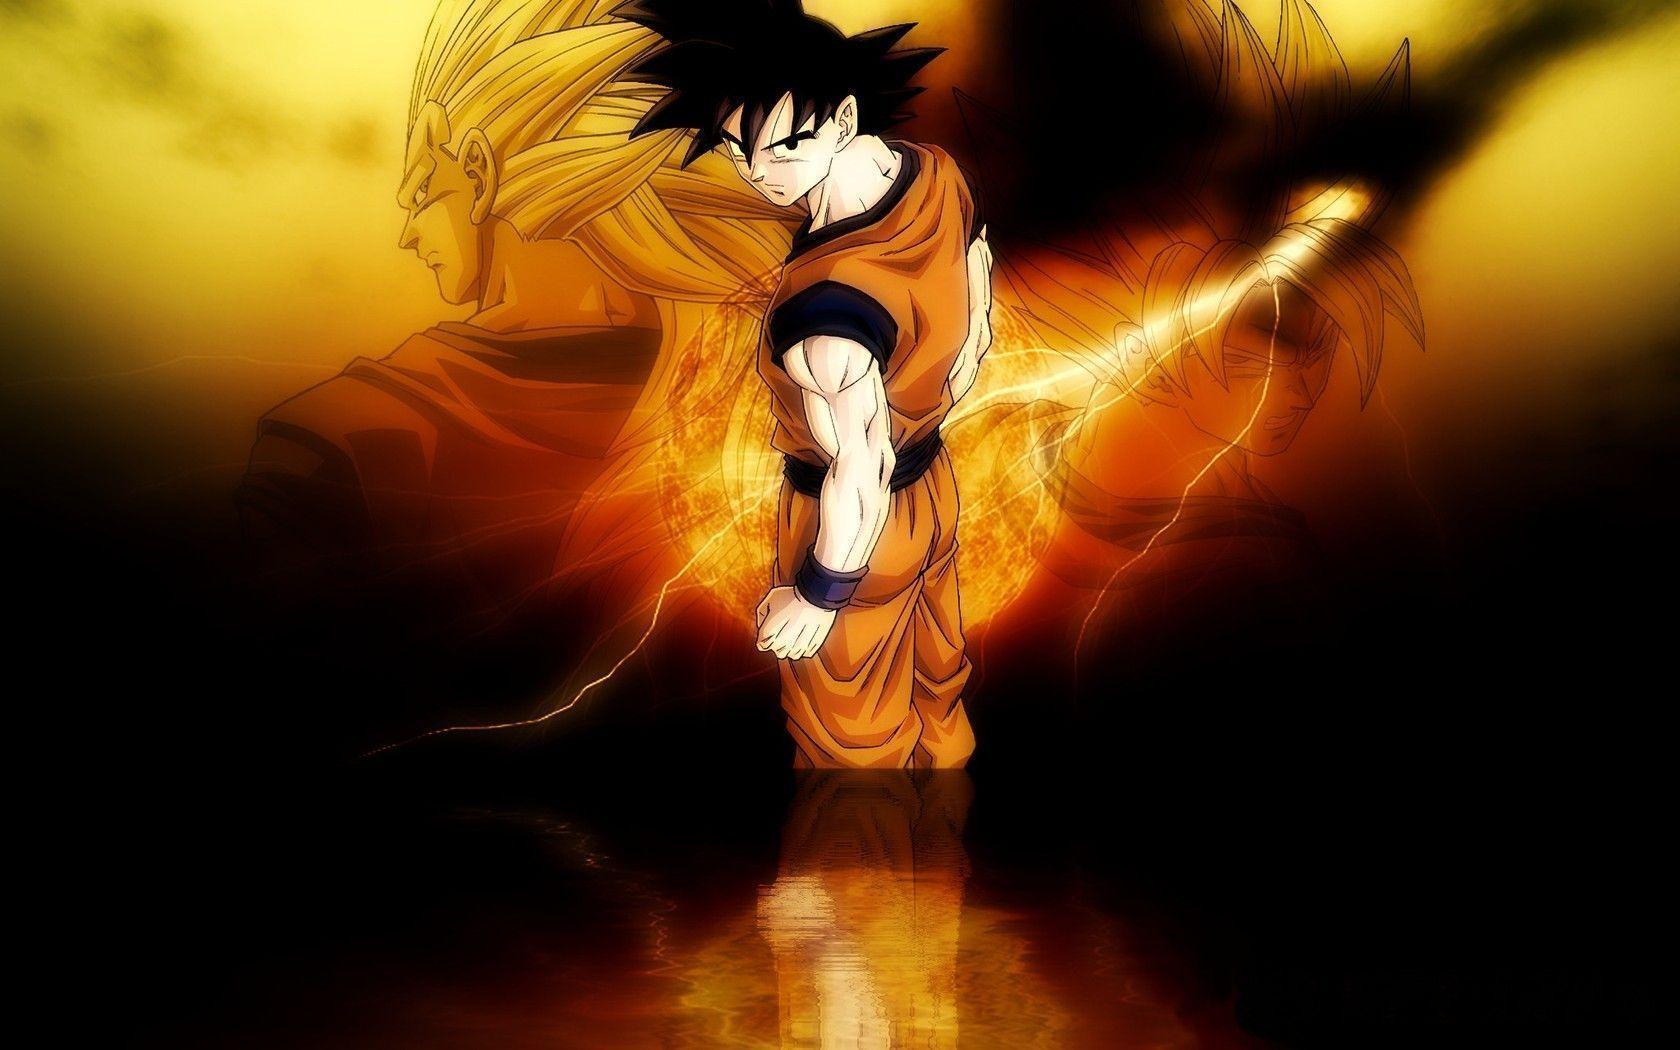 Son Goku Wallpapers 1680x1050